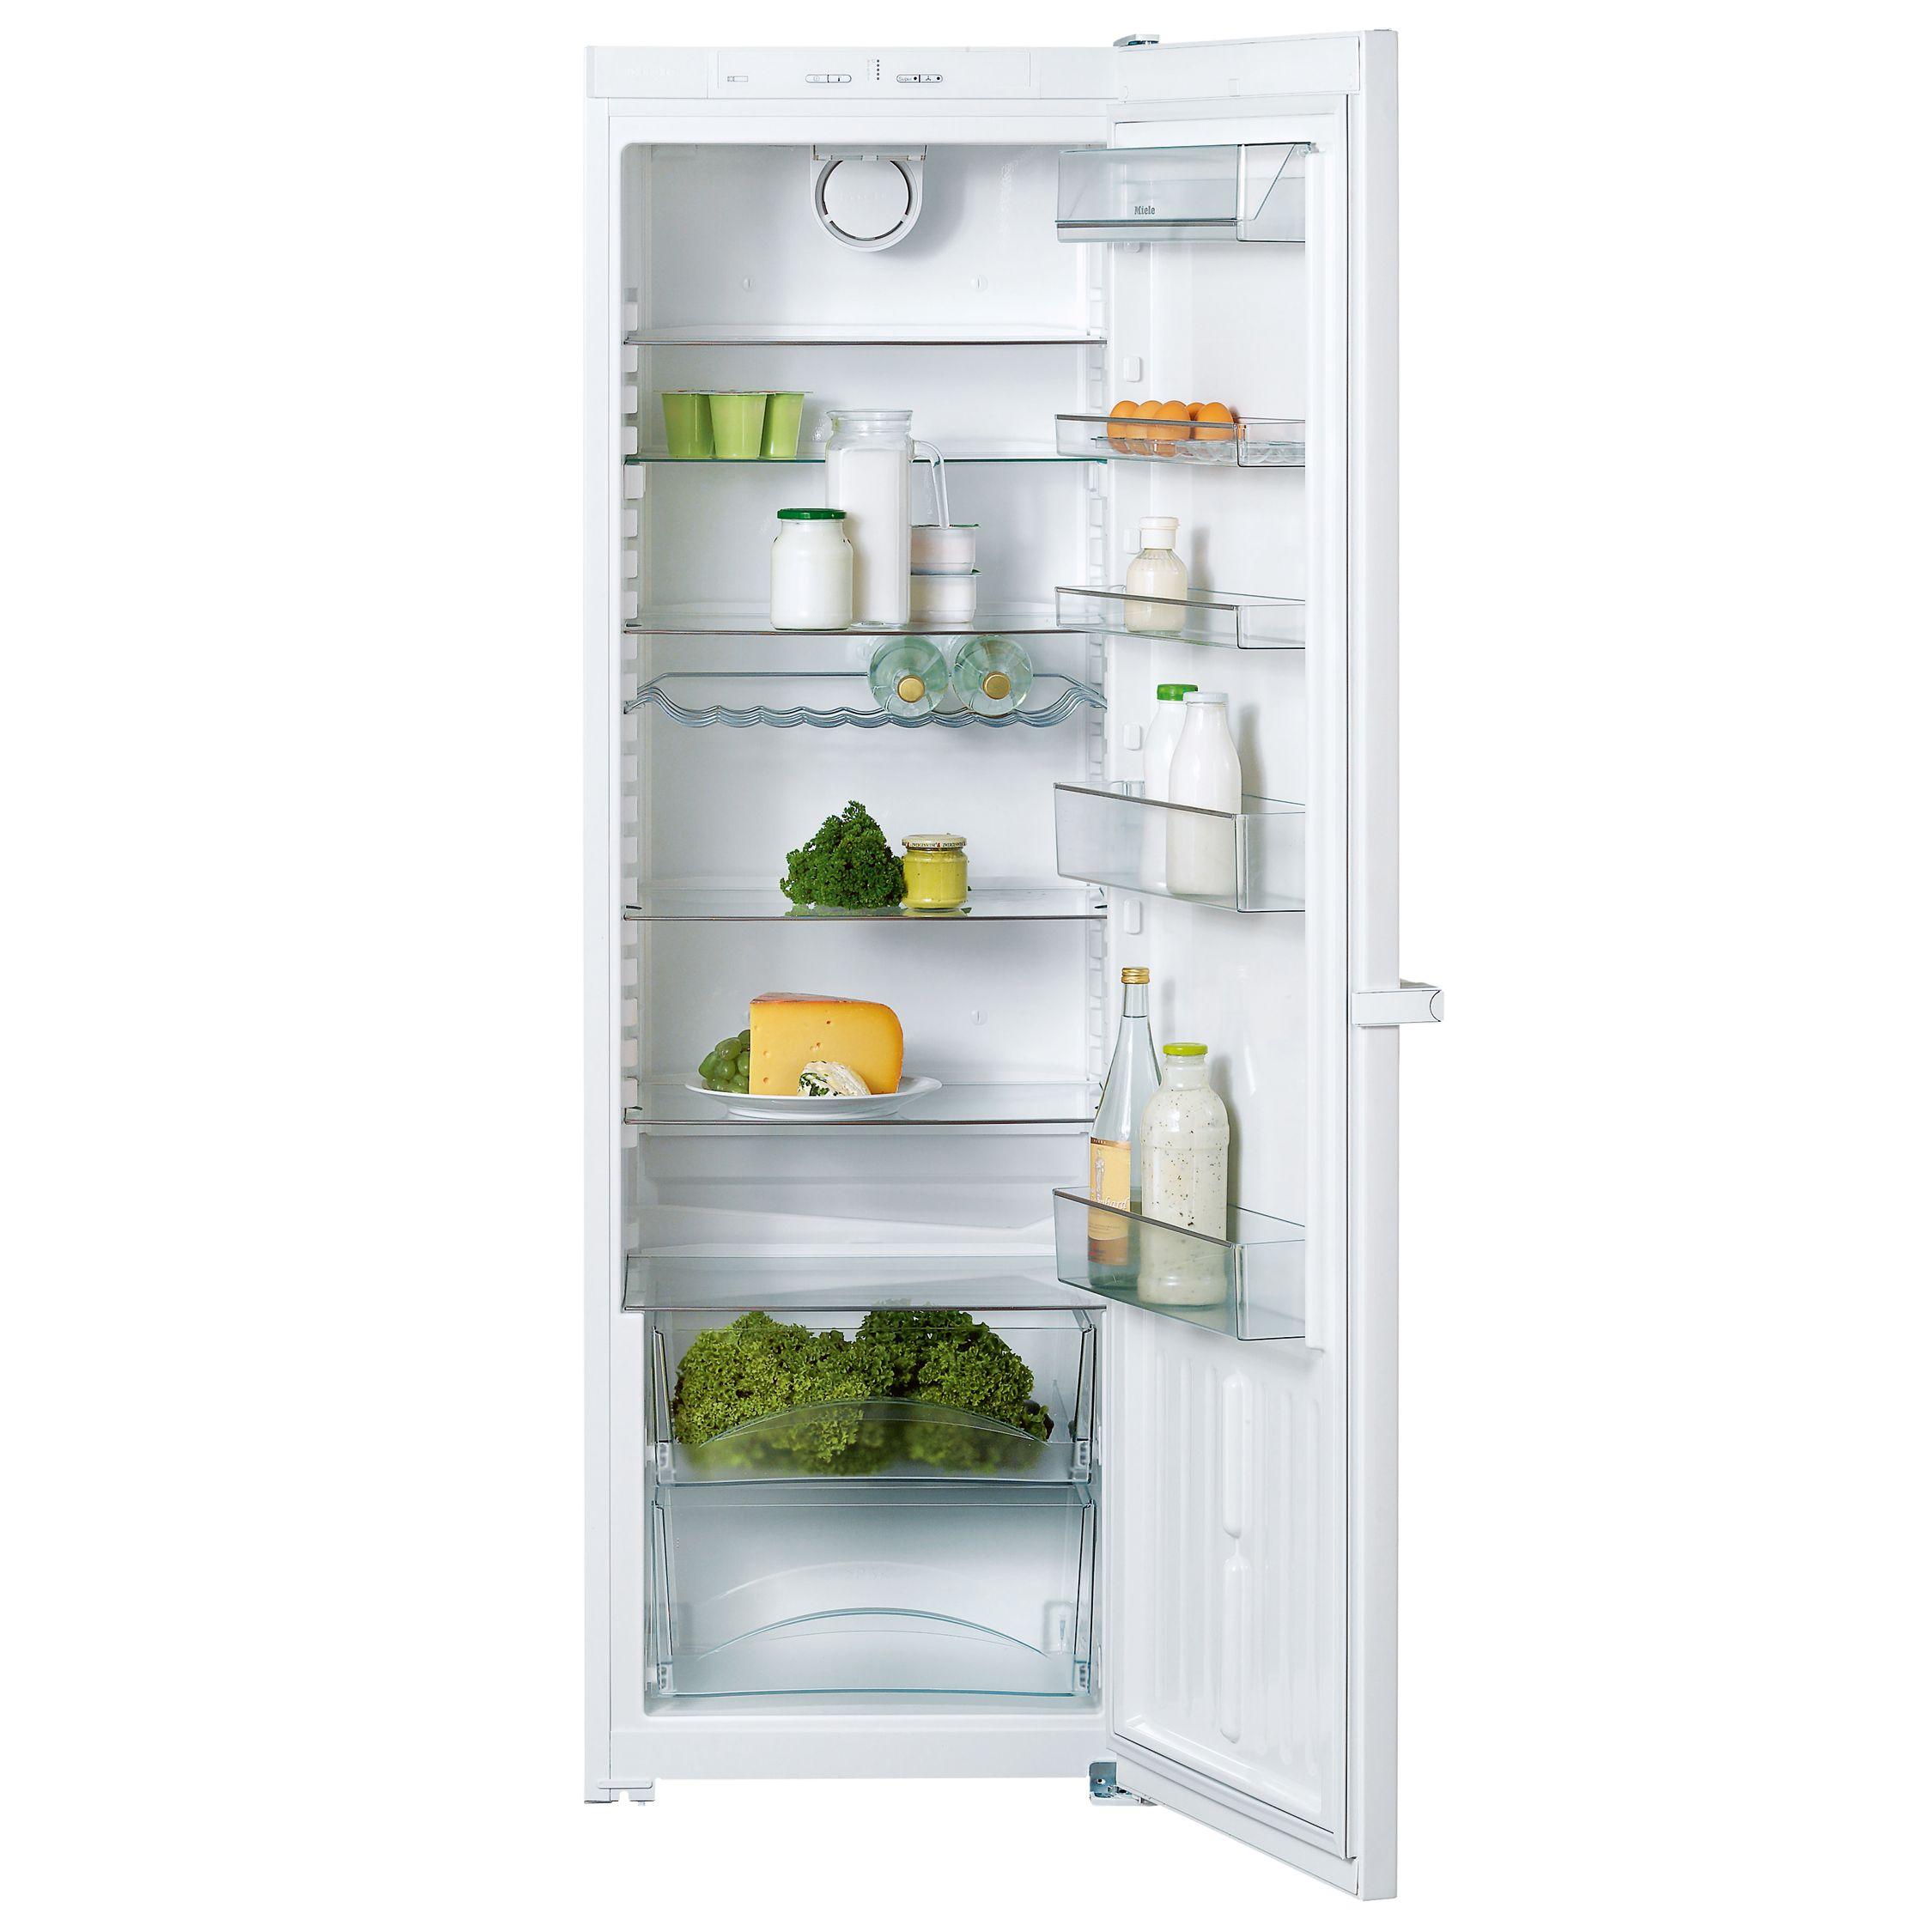 refrigeration>-refrigeration